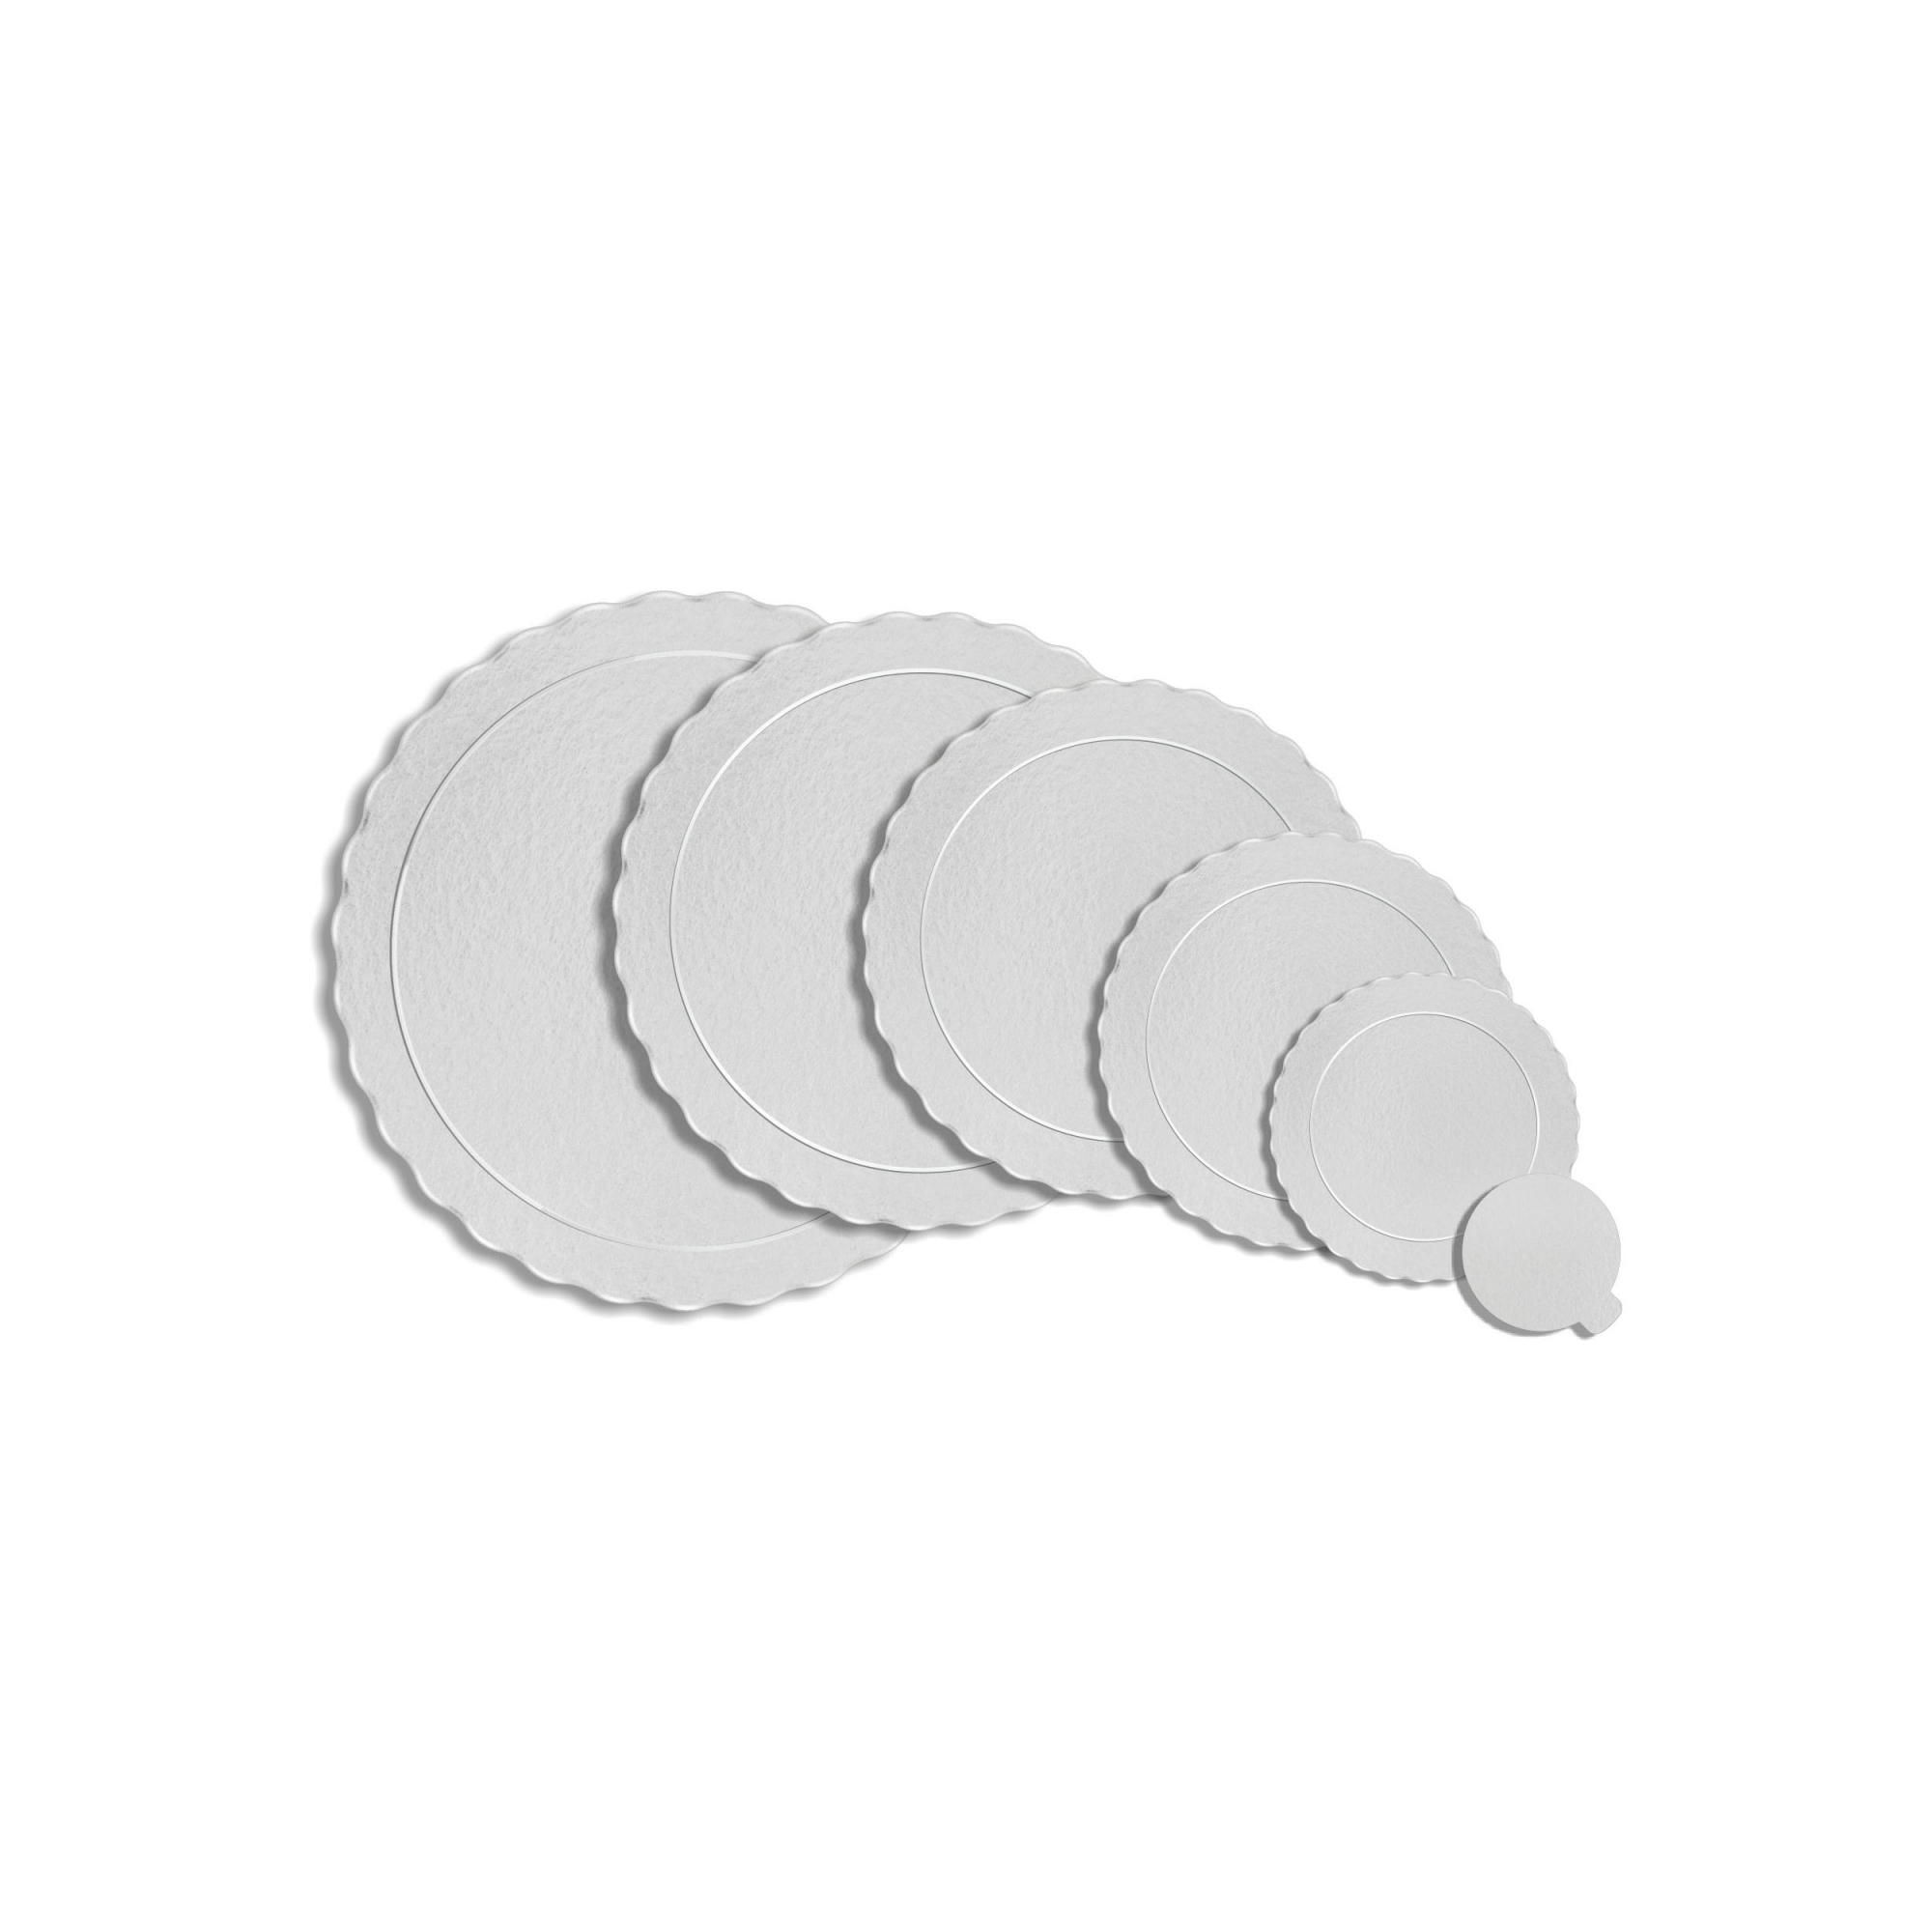 Kit 100 Bases Laminadas Para Bolo, Cake Board, 21 e 26cm - Branco